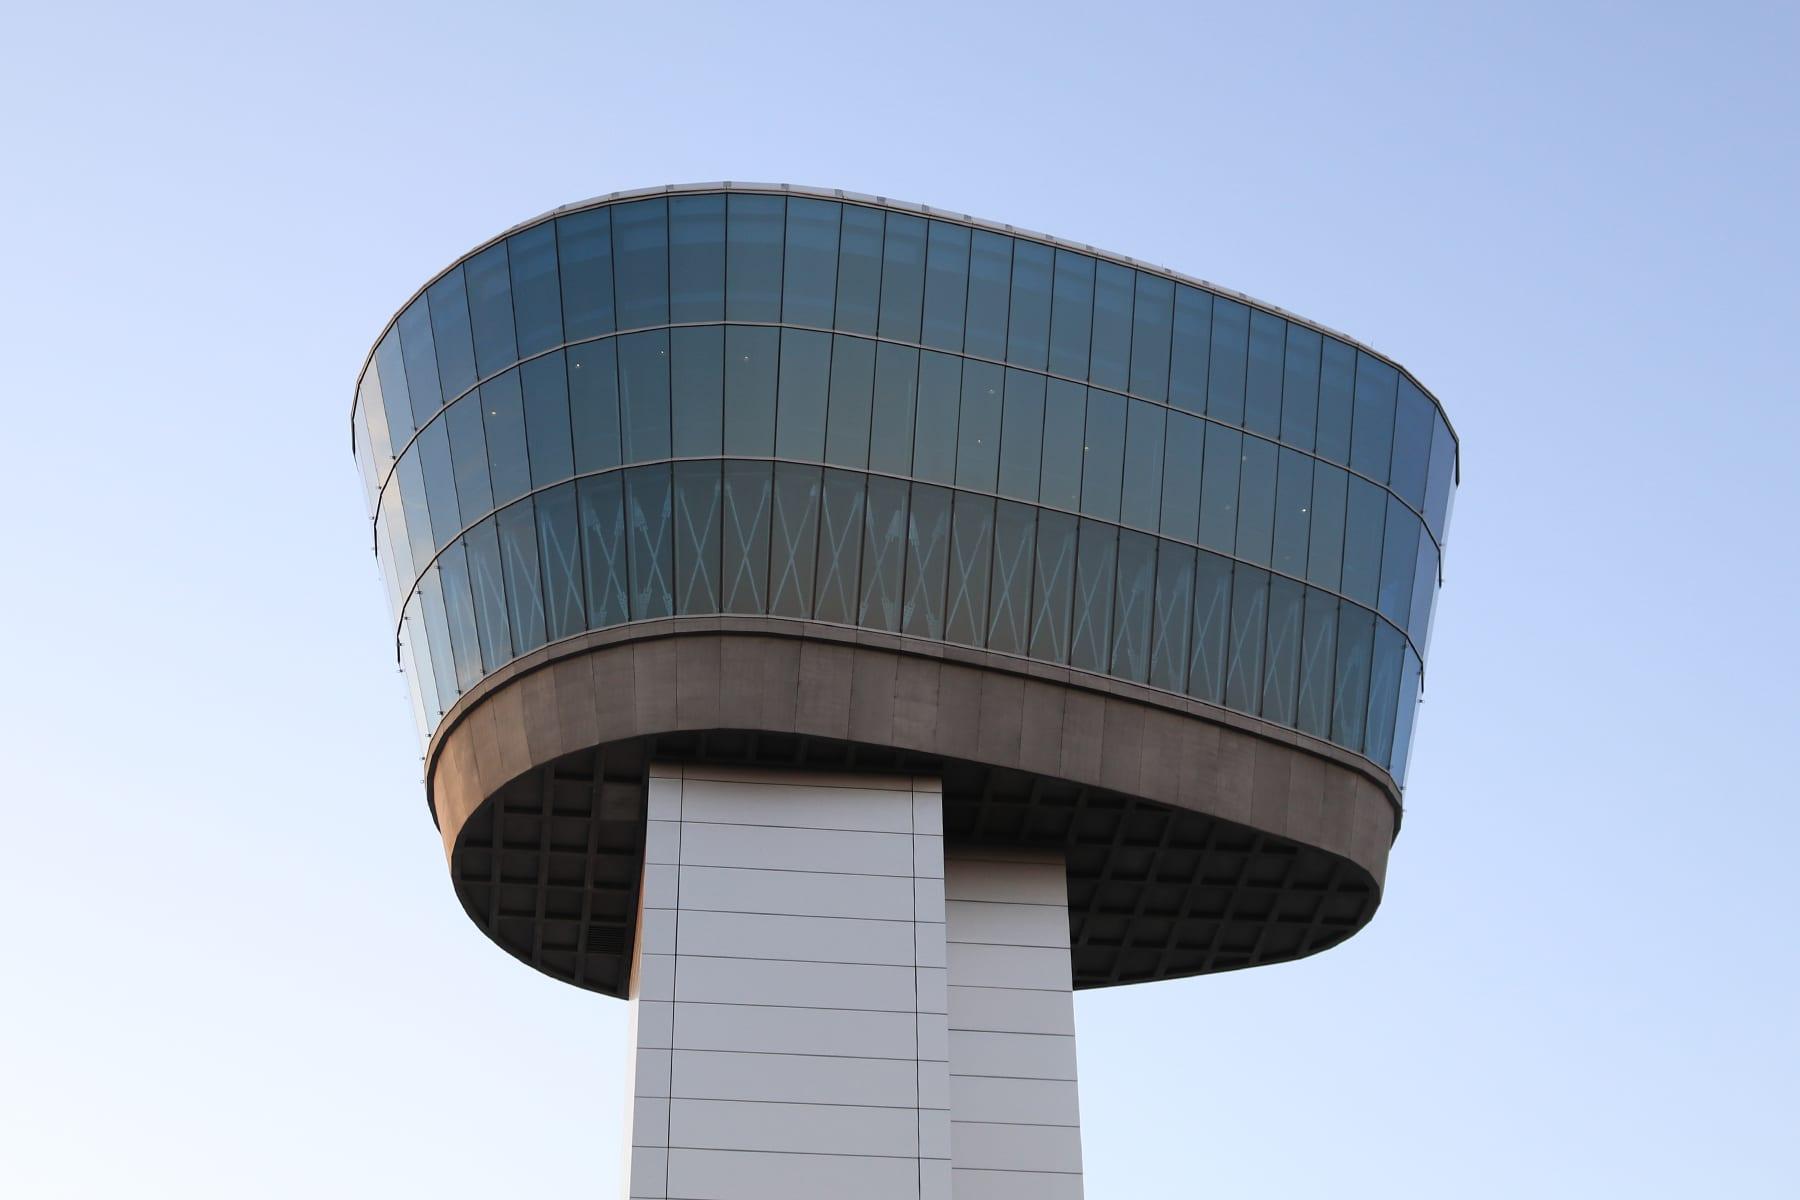 journey-11-VA-airspacemuseum02.jpg